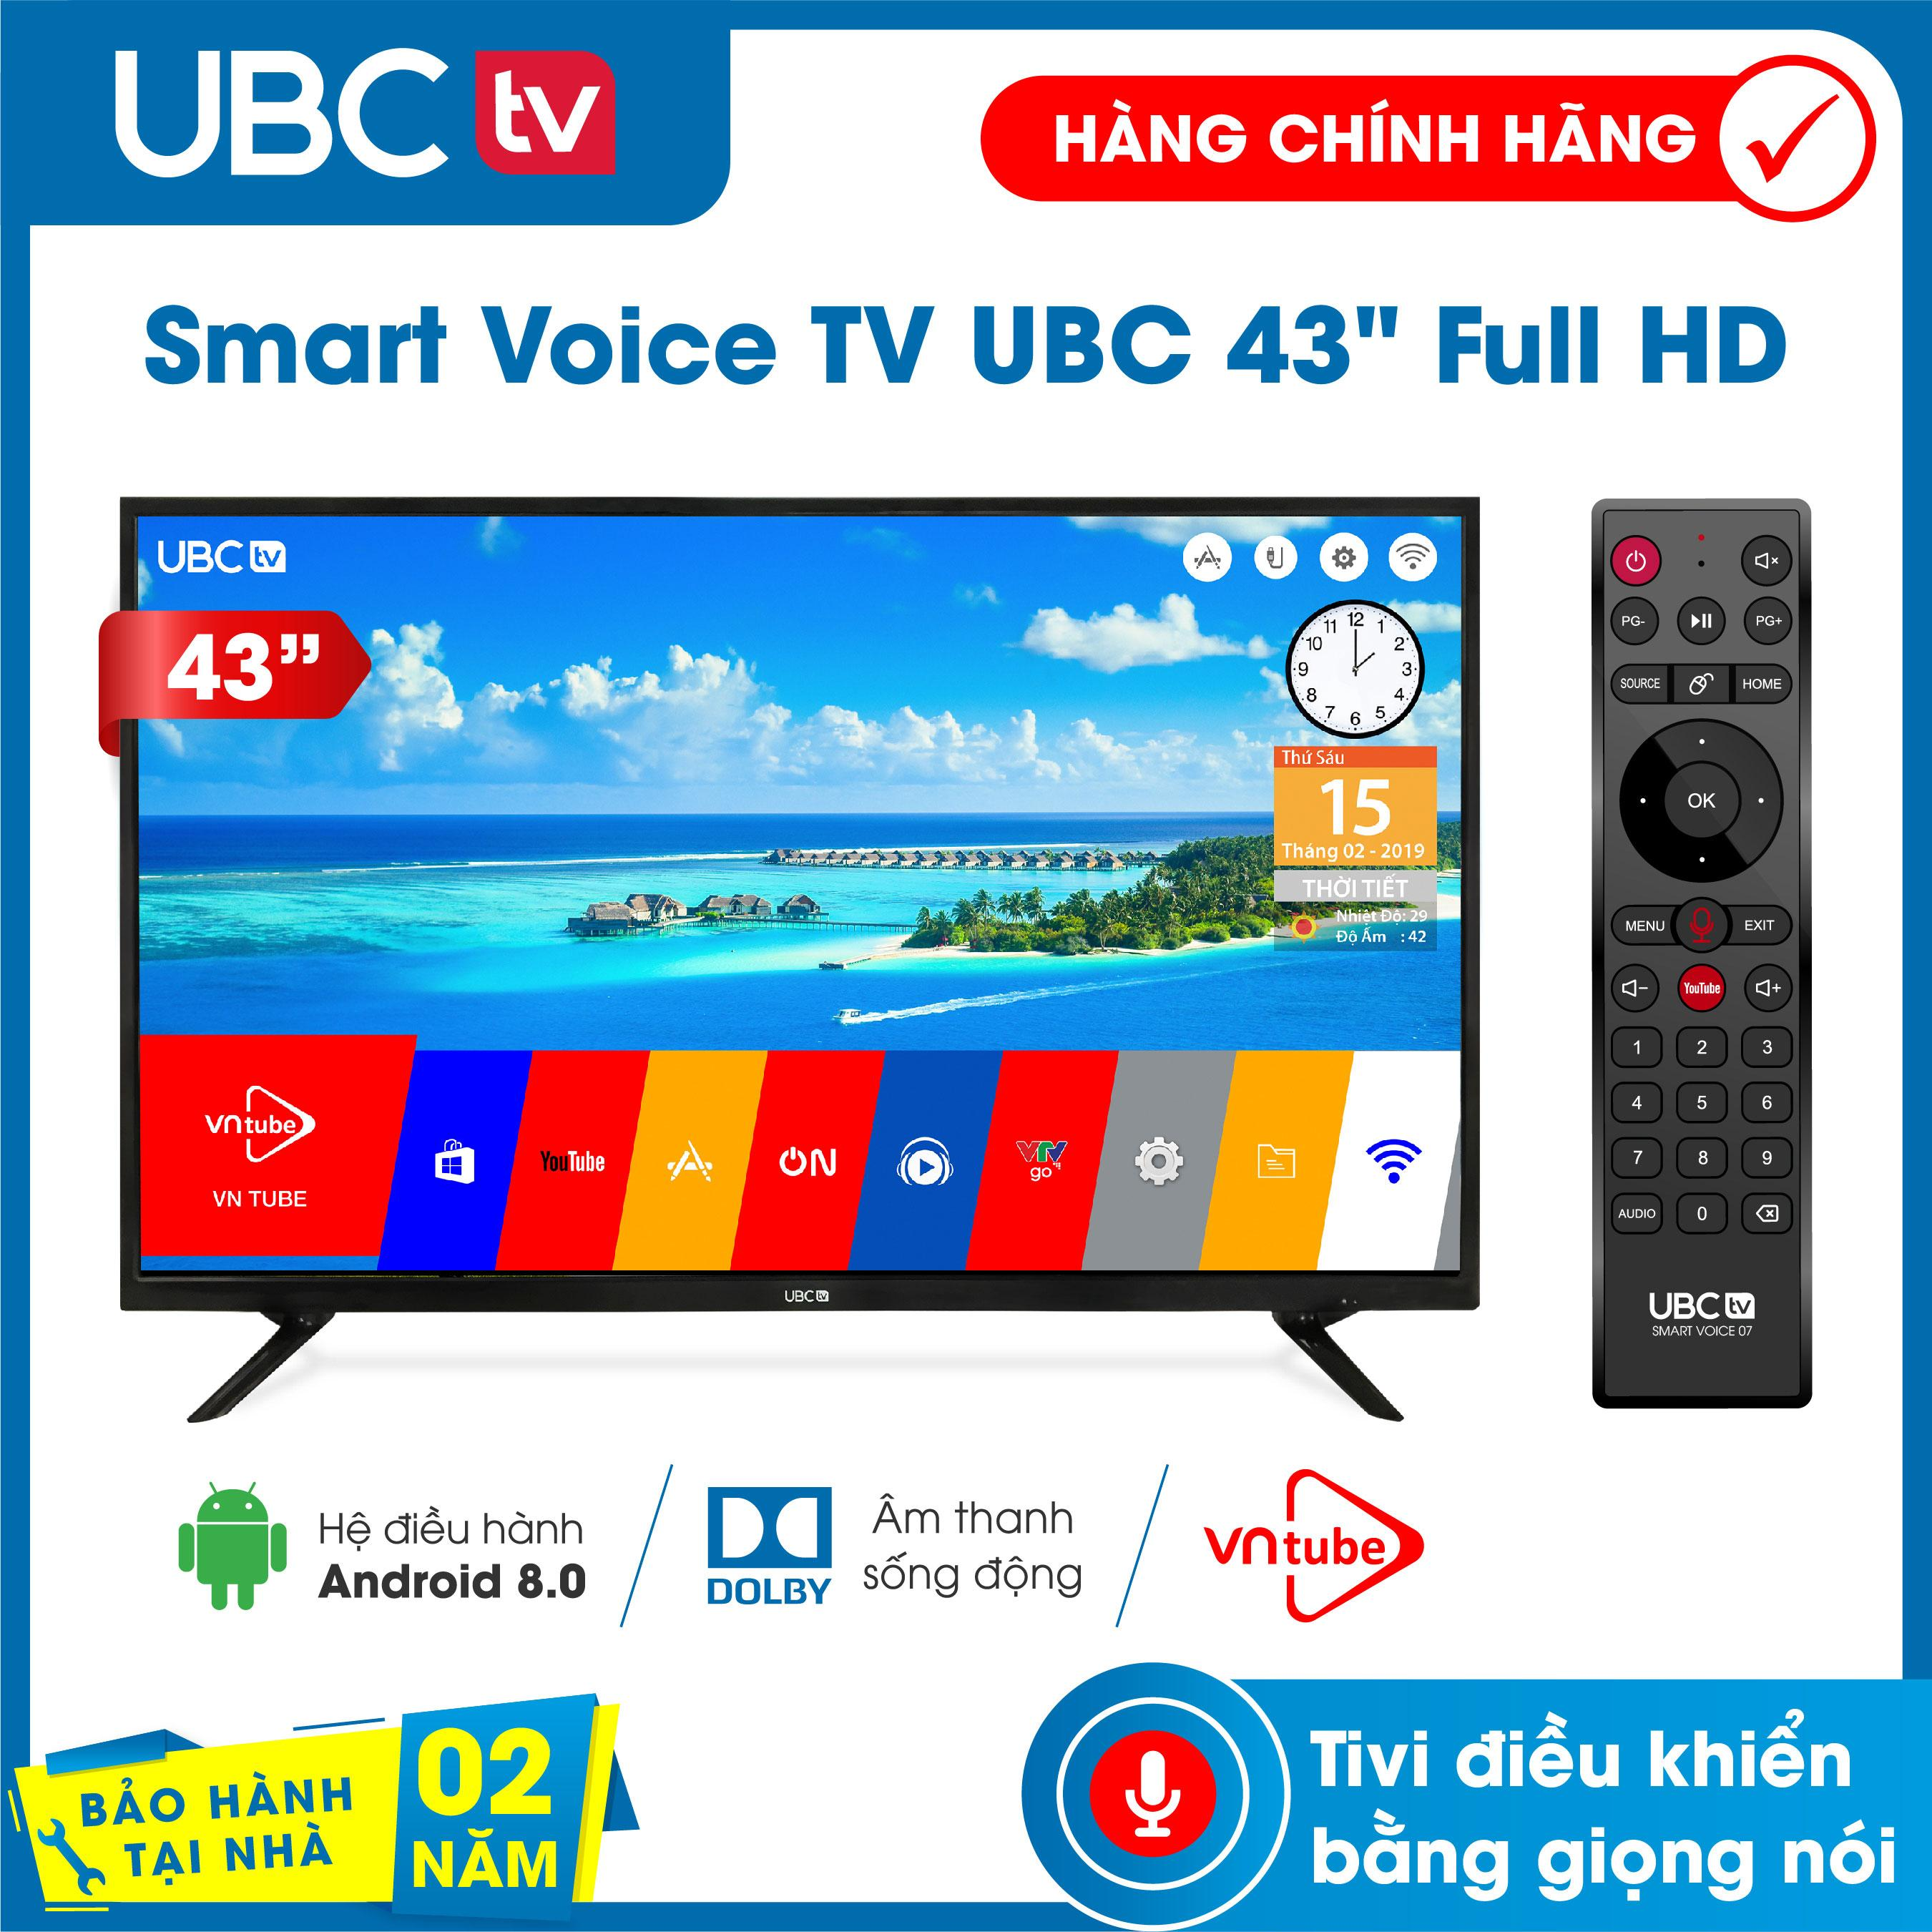 Smart Tivi UBC FULL HD 43inch Android 8.0, Tìm Kiếm Giọng Nói (voice Search), Tính Năng Bảo Vệ Trẻ Em (mới), Remote 2 In 1 Kèm Tính Năng Chuột Bay,  Model UB43V700 - Bảo Hành 2 Năm Tận Nhà, Dò Kênh Tự động Free-to-Air, âm Thanh Dolby Giá Tiết Kiệm Nhất Thị Trường